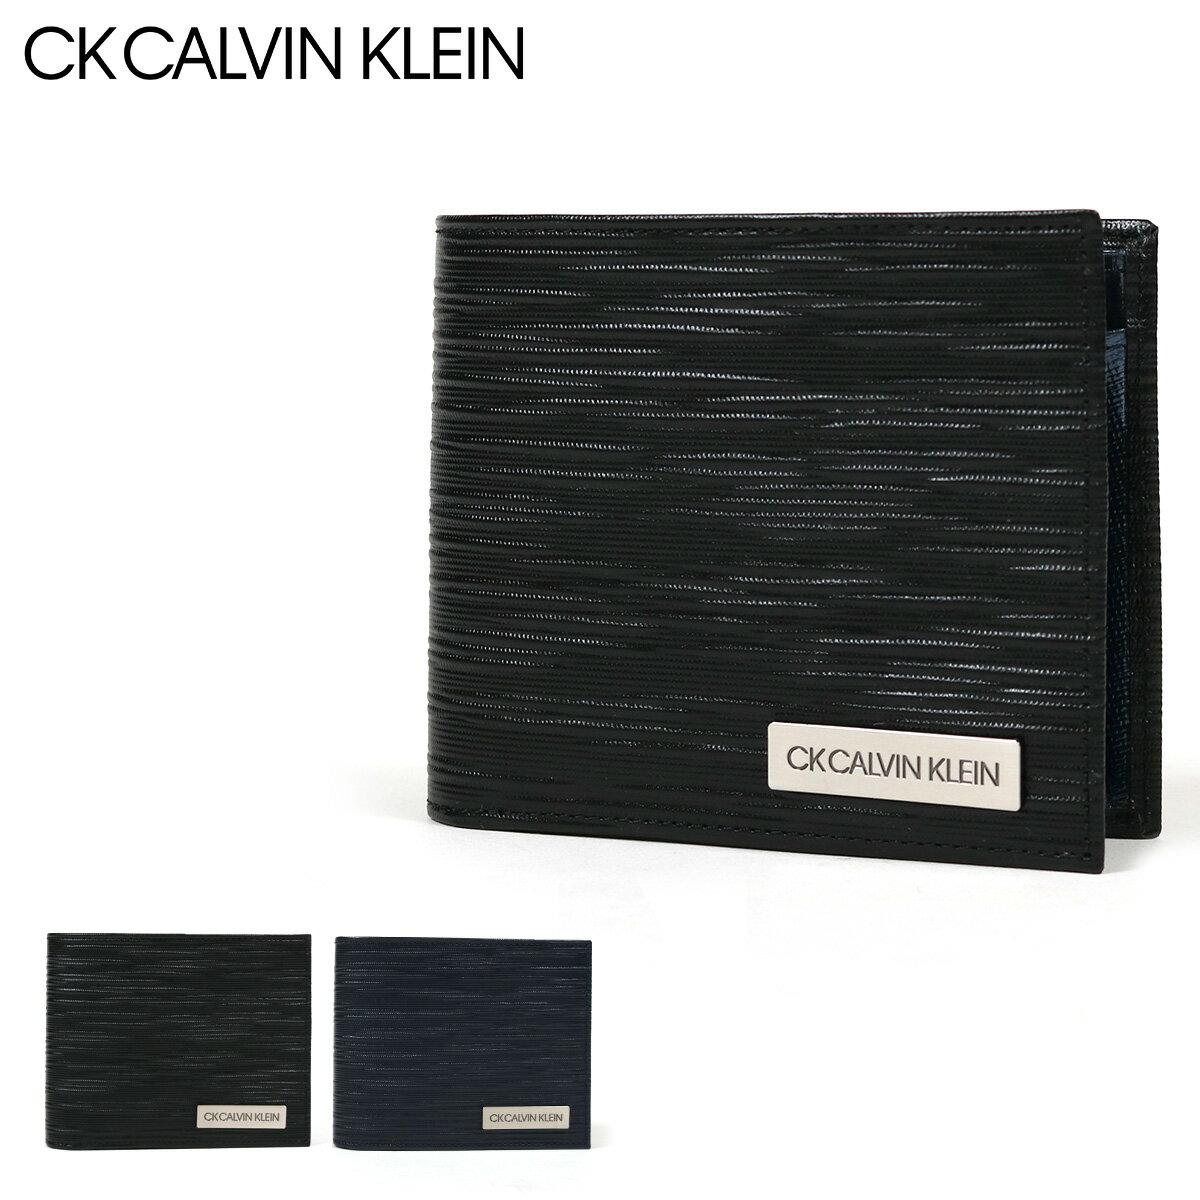 シーケー カルバンクライン 二つ折り財布 タットII メンズ 808614 CK CALVIN KLEIN | 本革 レザー ブランド専用BOX付き[bef][即日発送][PO5]